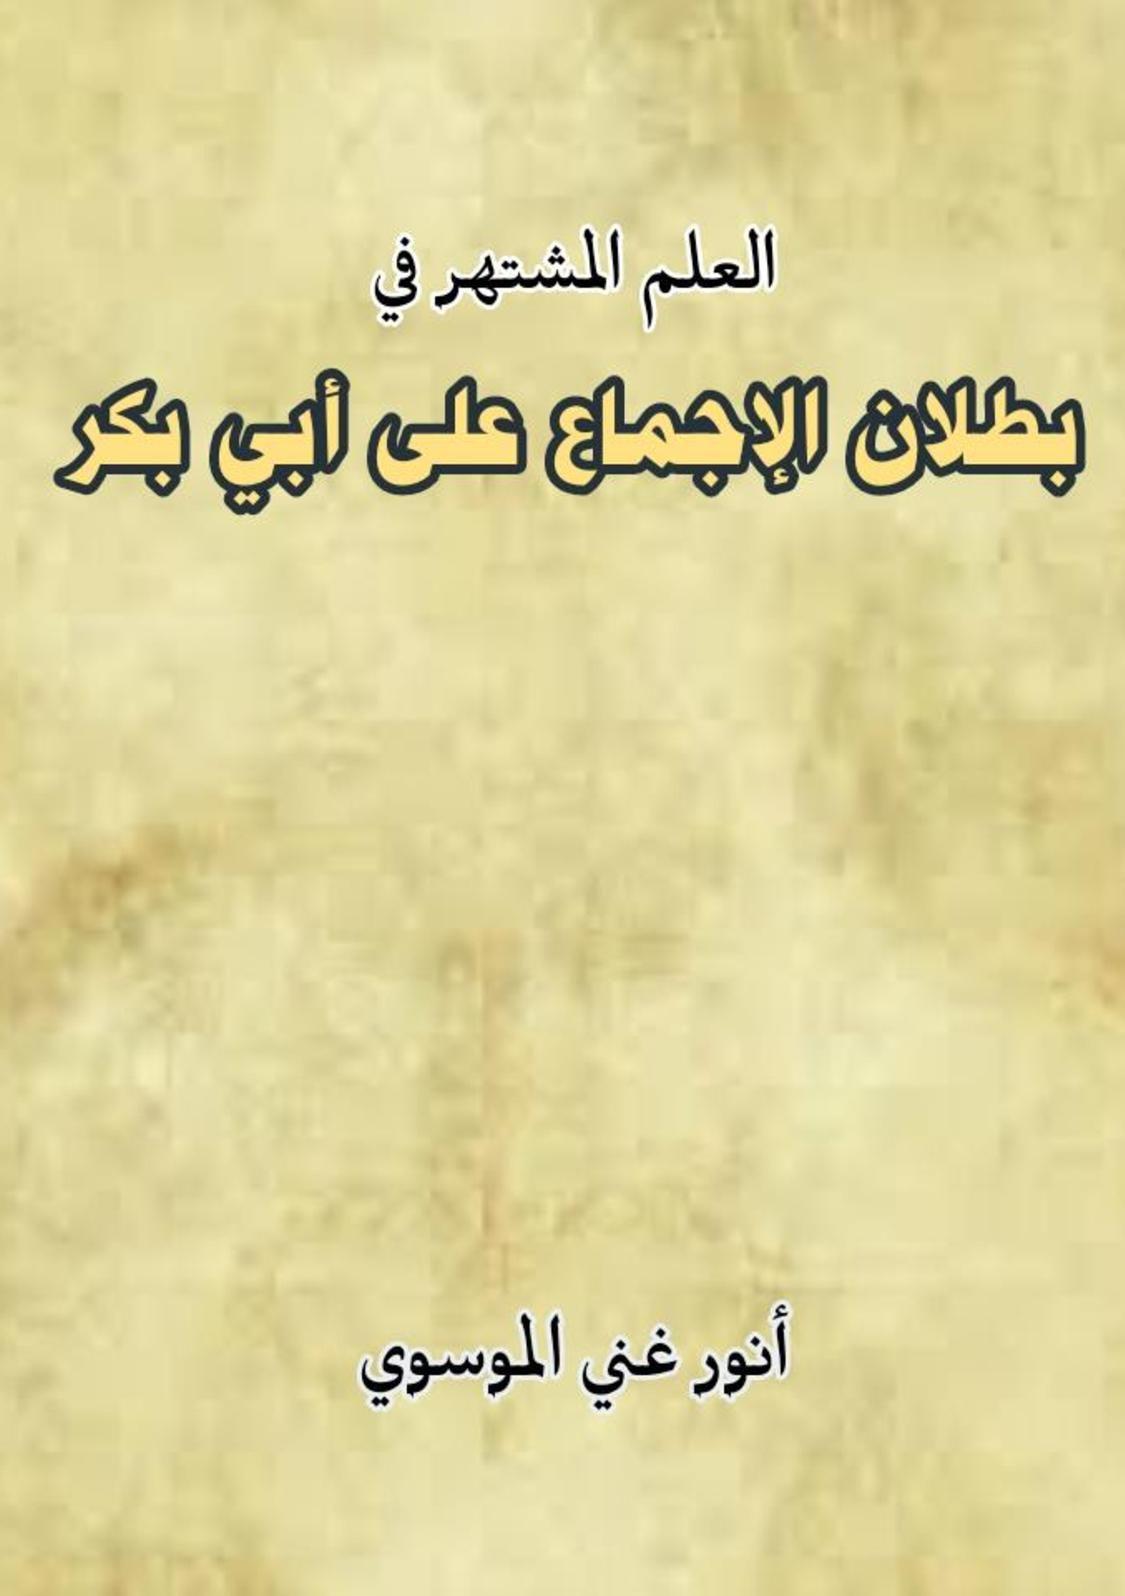 العلم المشتهر في بطلان الاجماع على ابي بكر Arabic Calligraphy Books Blog Page